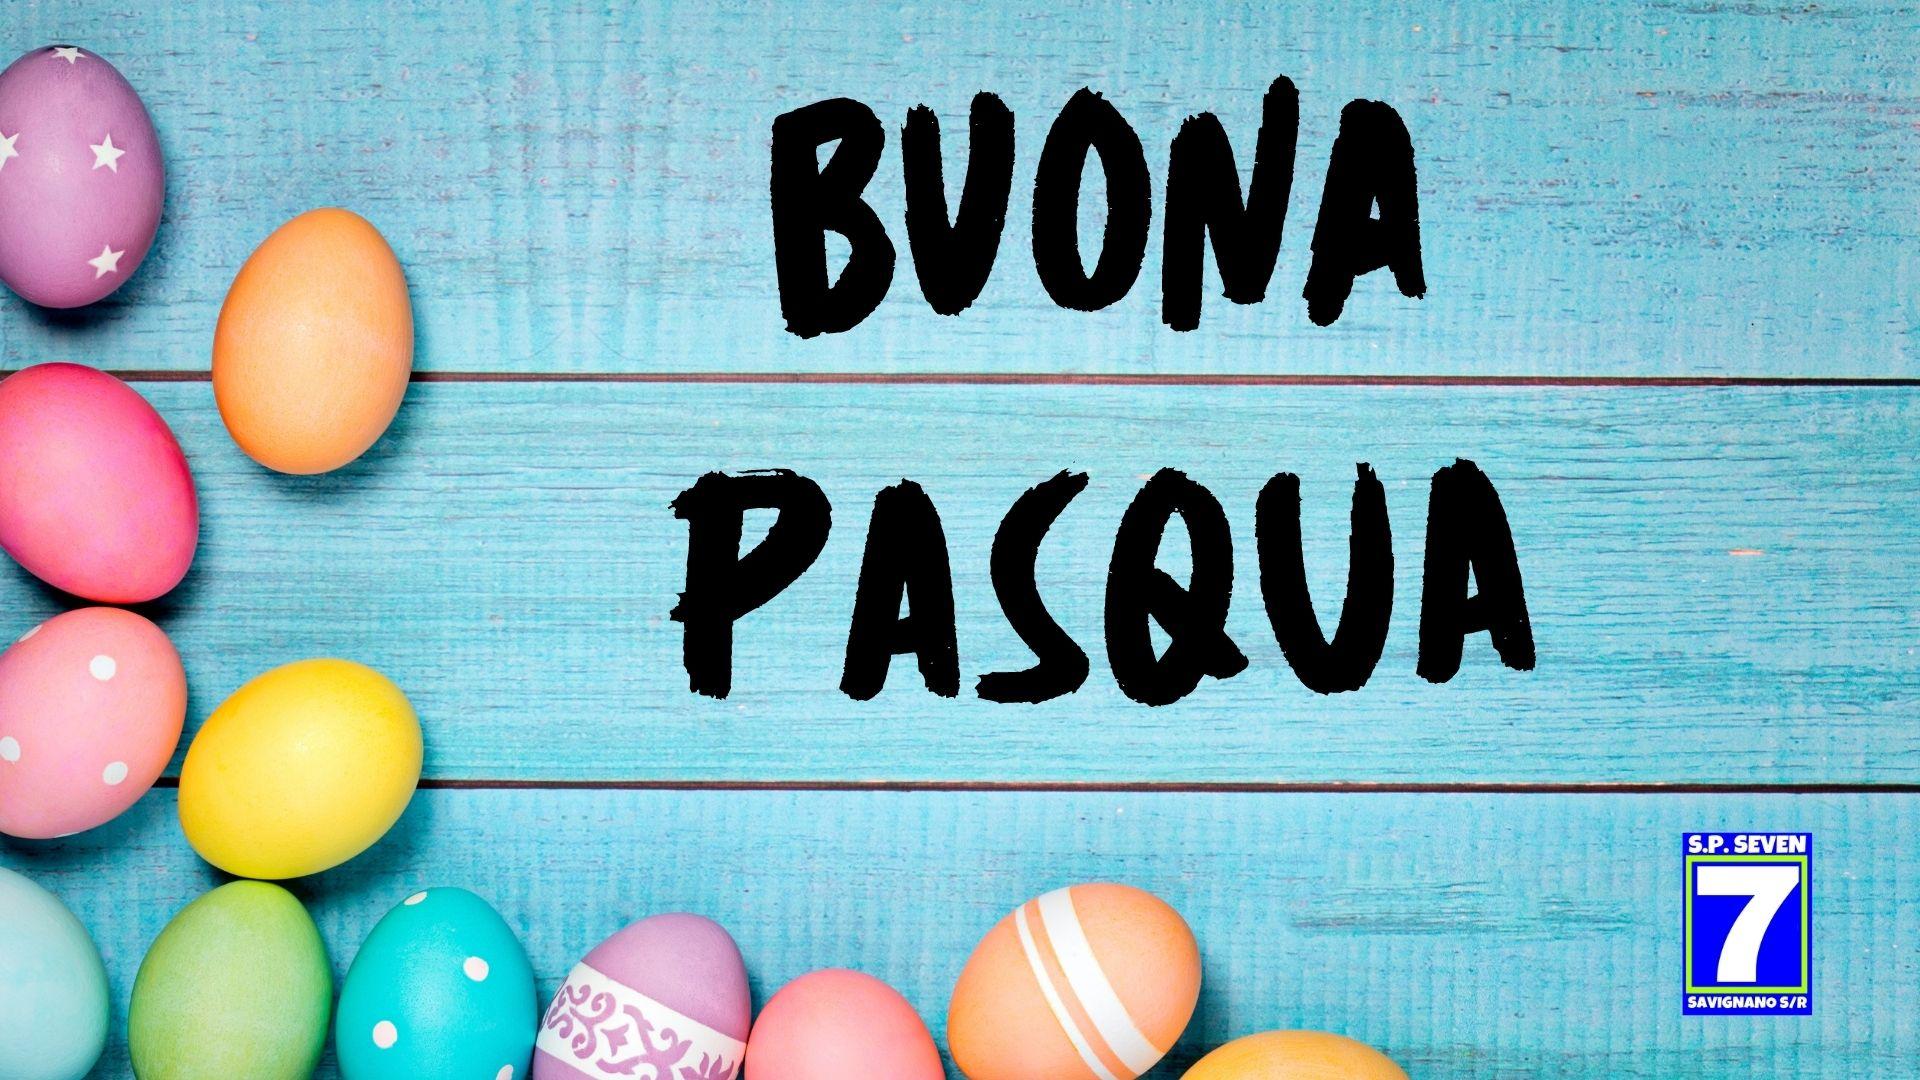 Buona Pasquajpg